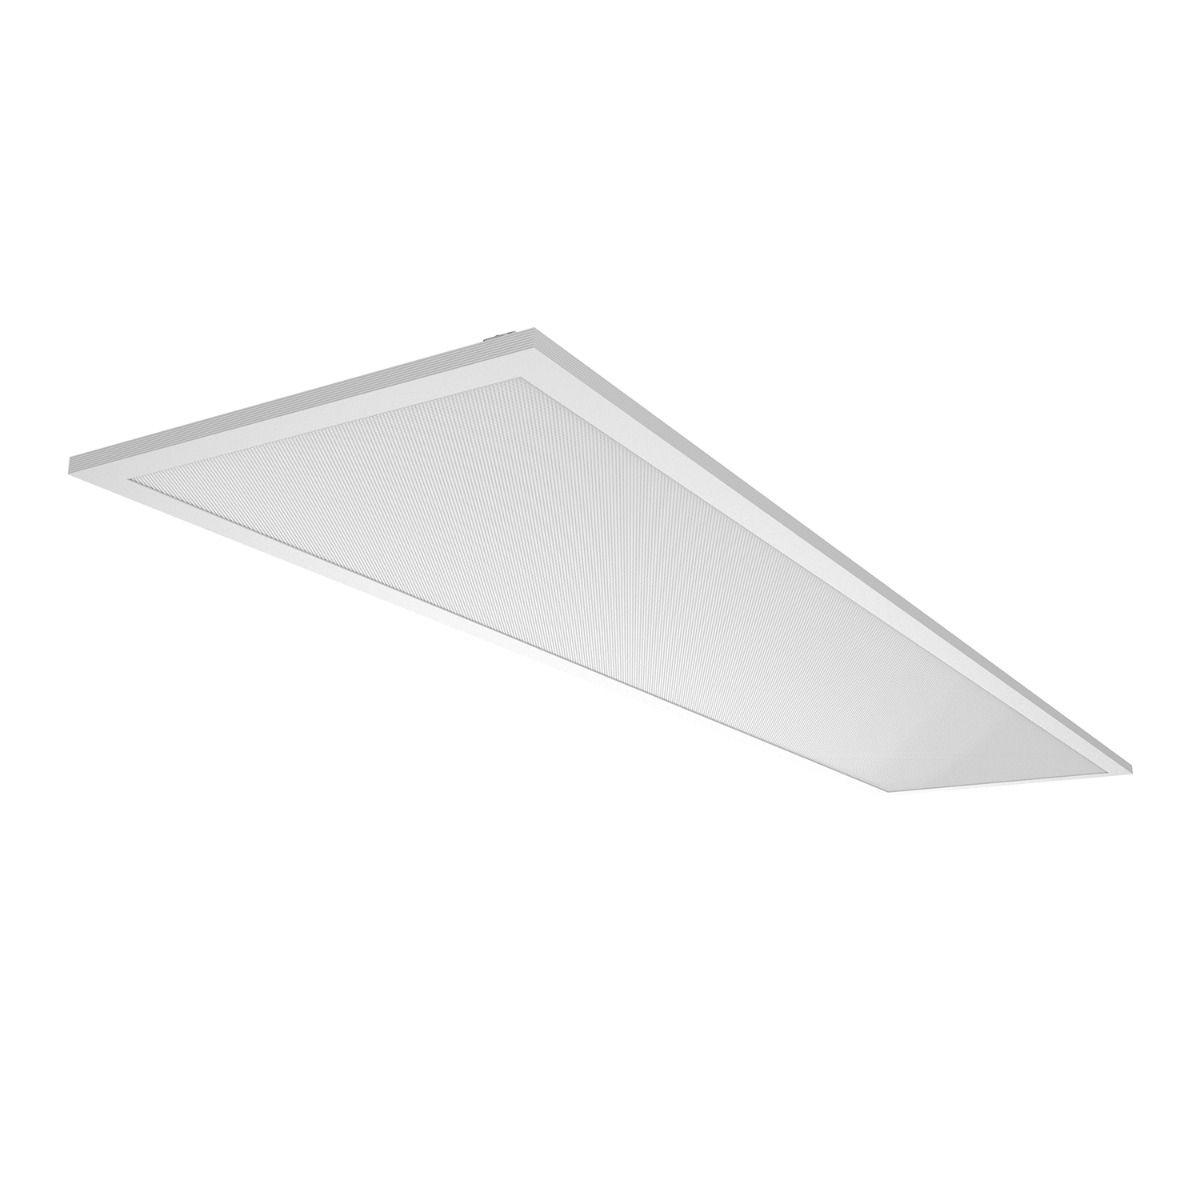 Noxion LED Panel Delta Pro V3 30W 4000K 4070lm 30x120cm UGR <19 | Kaltweiß - Ersatz für 2x36W